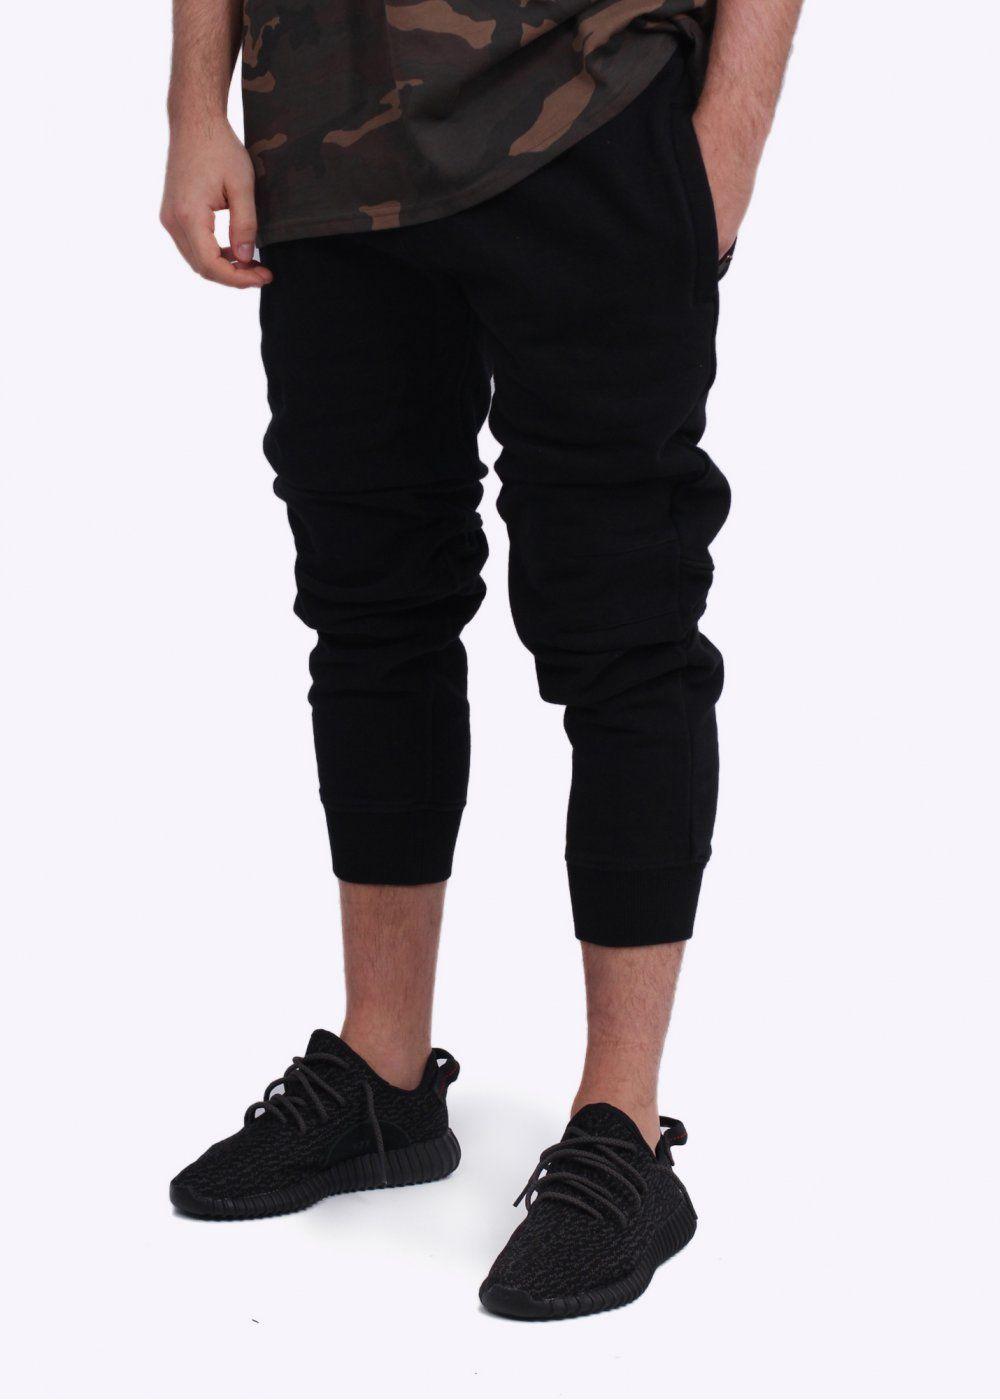 9bdb1789ae110 Adidas YEEZY SEASON 1 SFT Sweat Pants - Caviar